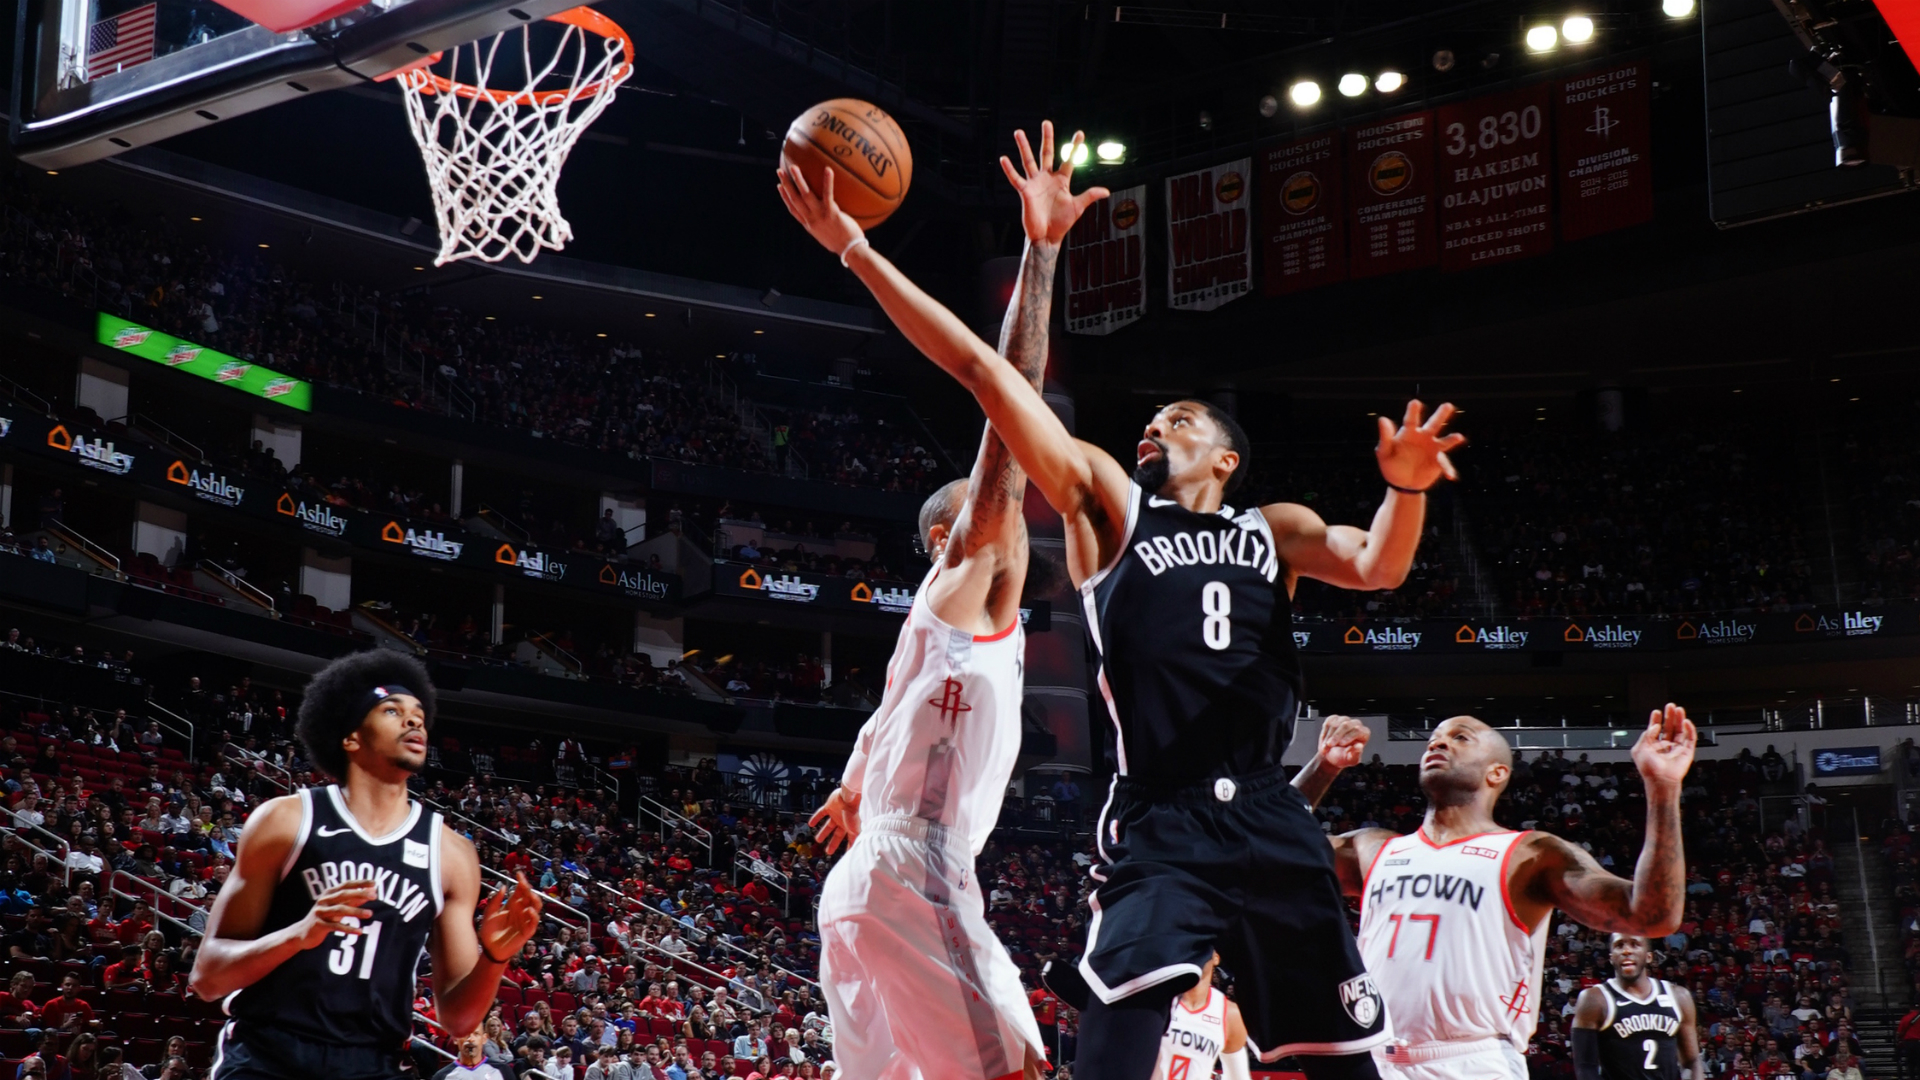 Nets @ Rockets